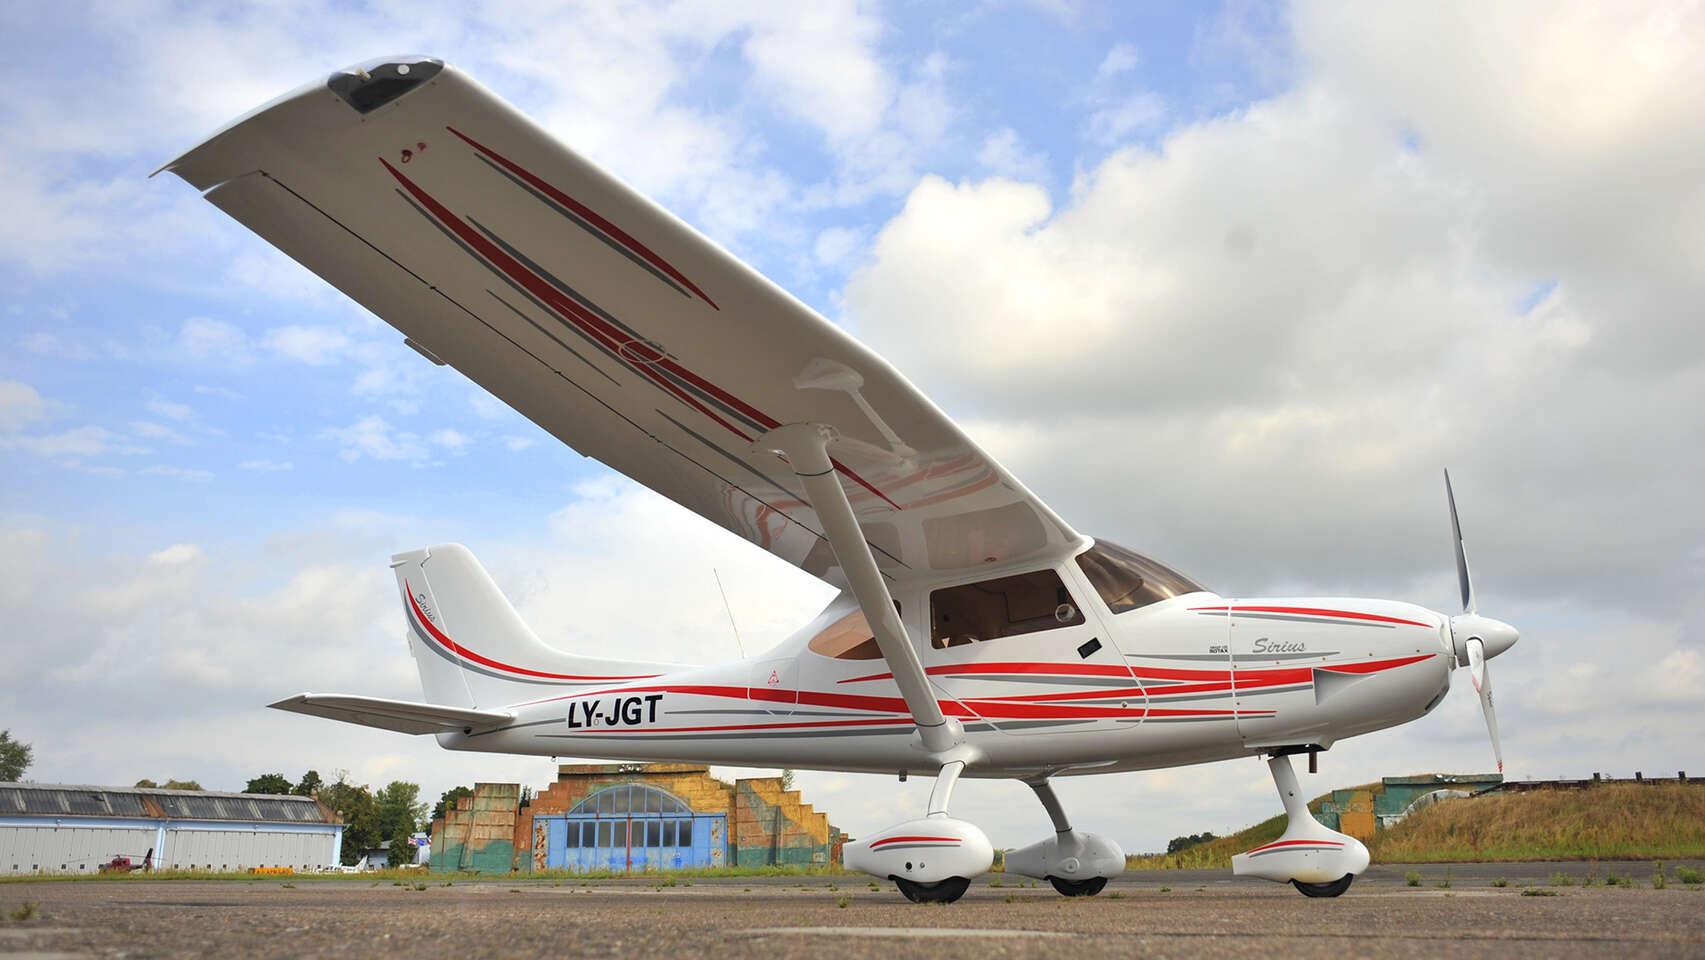 Zážitkový let na novom lietadle Sirius s nadštandardnou výbavou - letisko Sládkovičovo